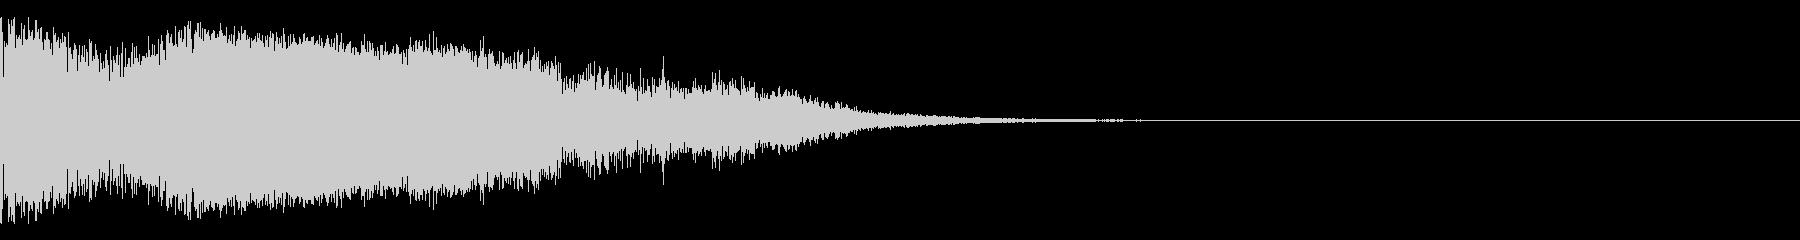 ガラスを割った音の未再生の波形